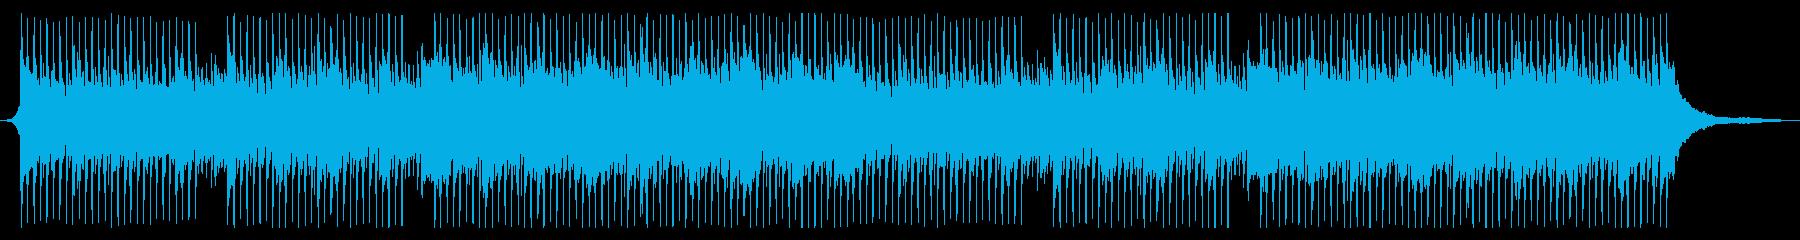 ストリングス無 ピアノ 爽快 STARTの再生済みの波形